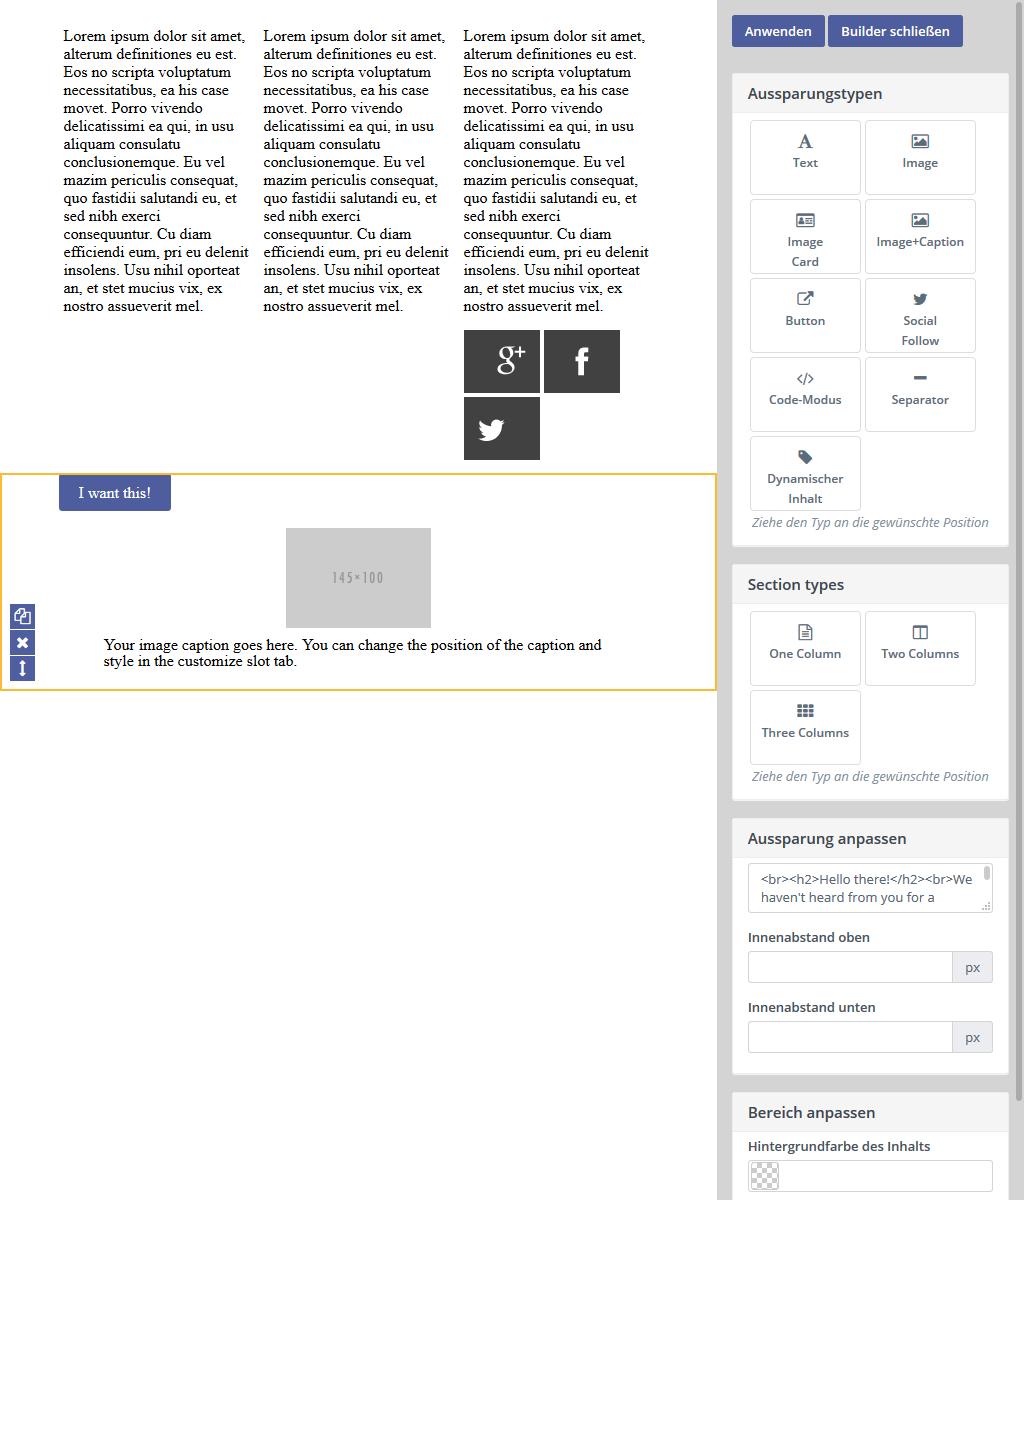 Mautic Email Builder Benutzeroberfläche